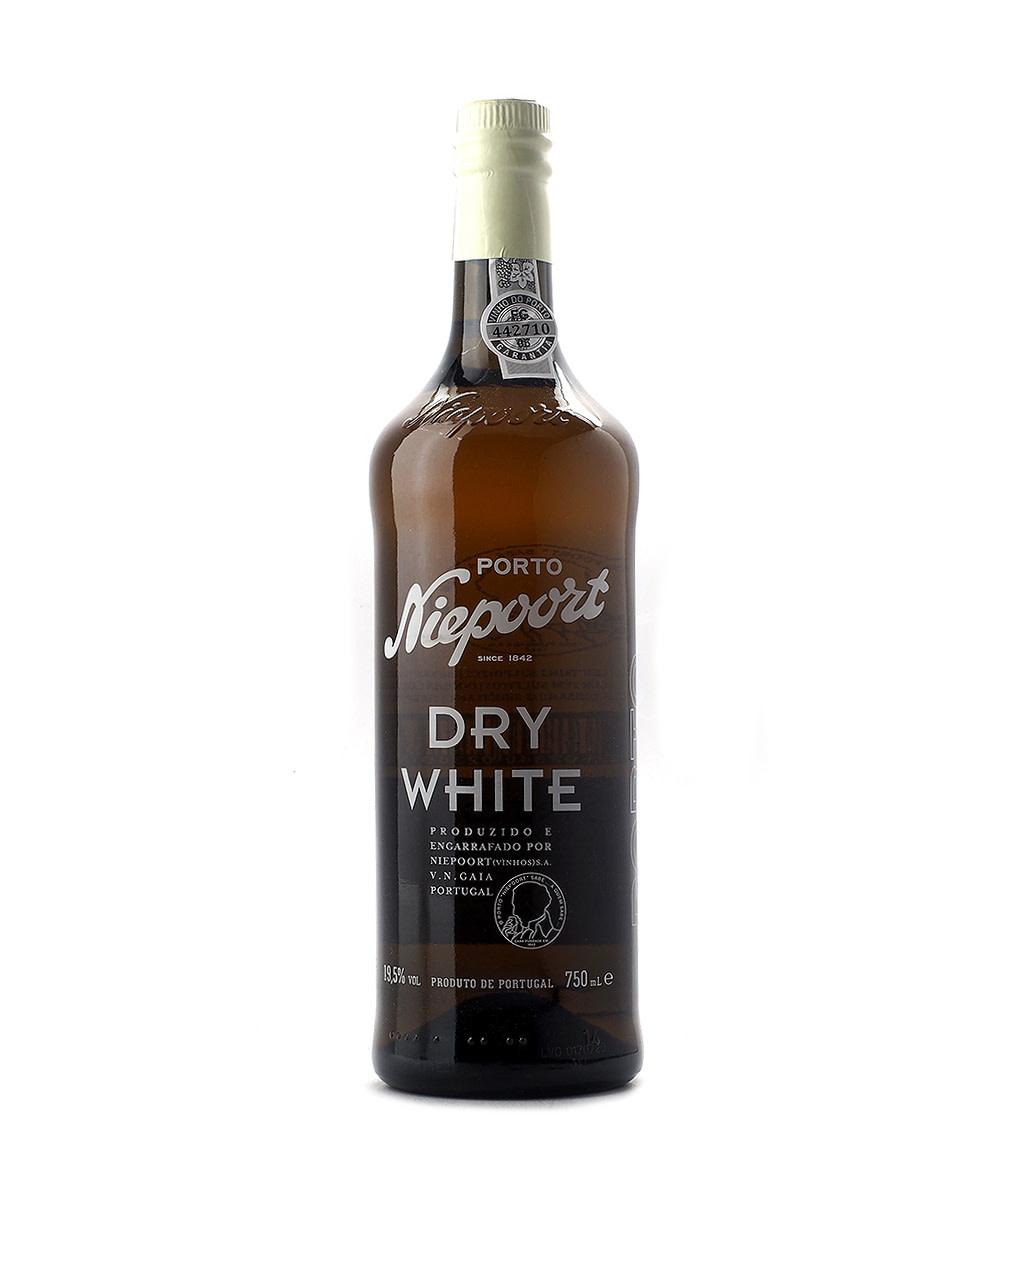 Niepoort Dry White Port NV